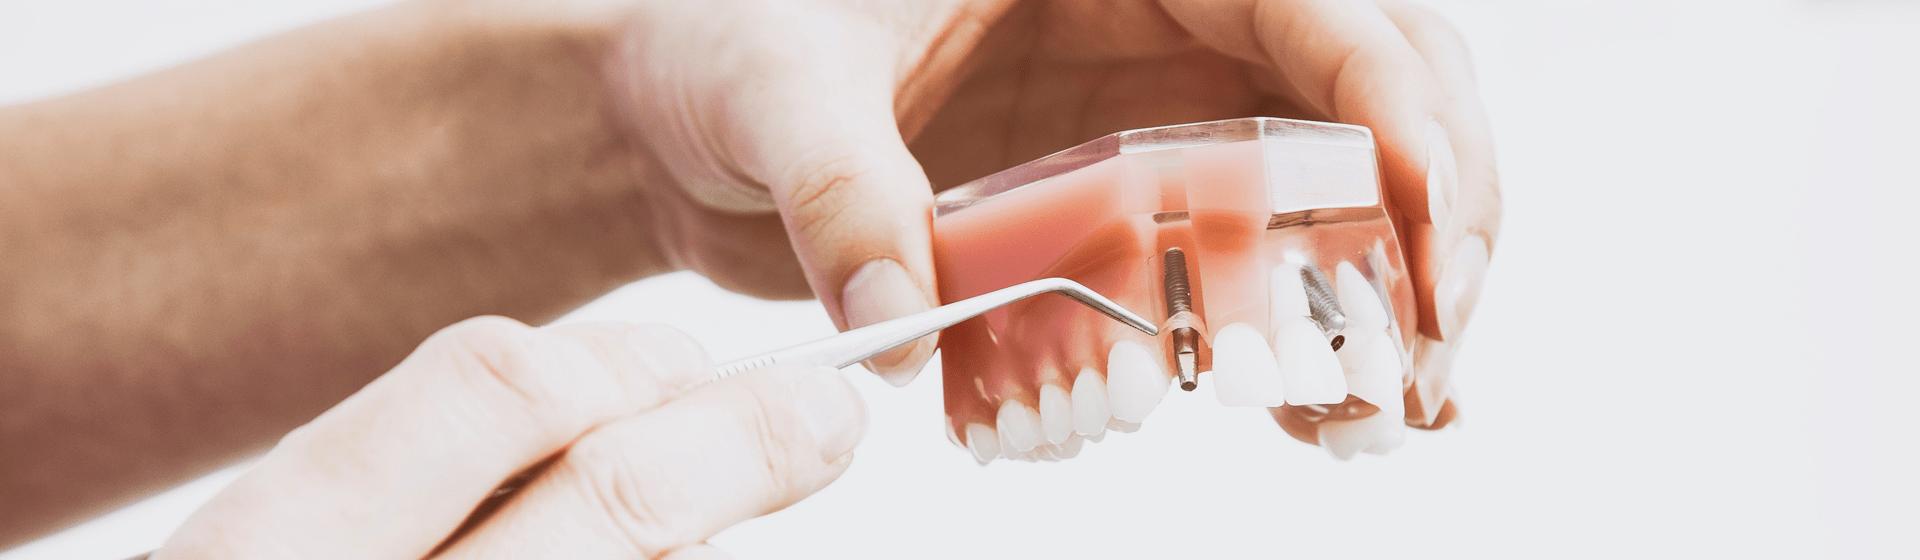 Behandlungsfehler durch Zahnarzt